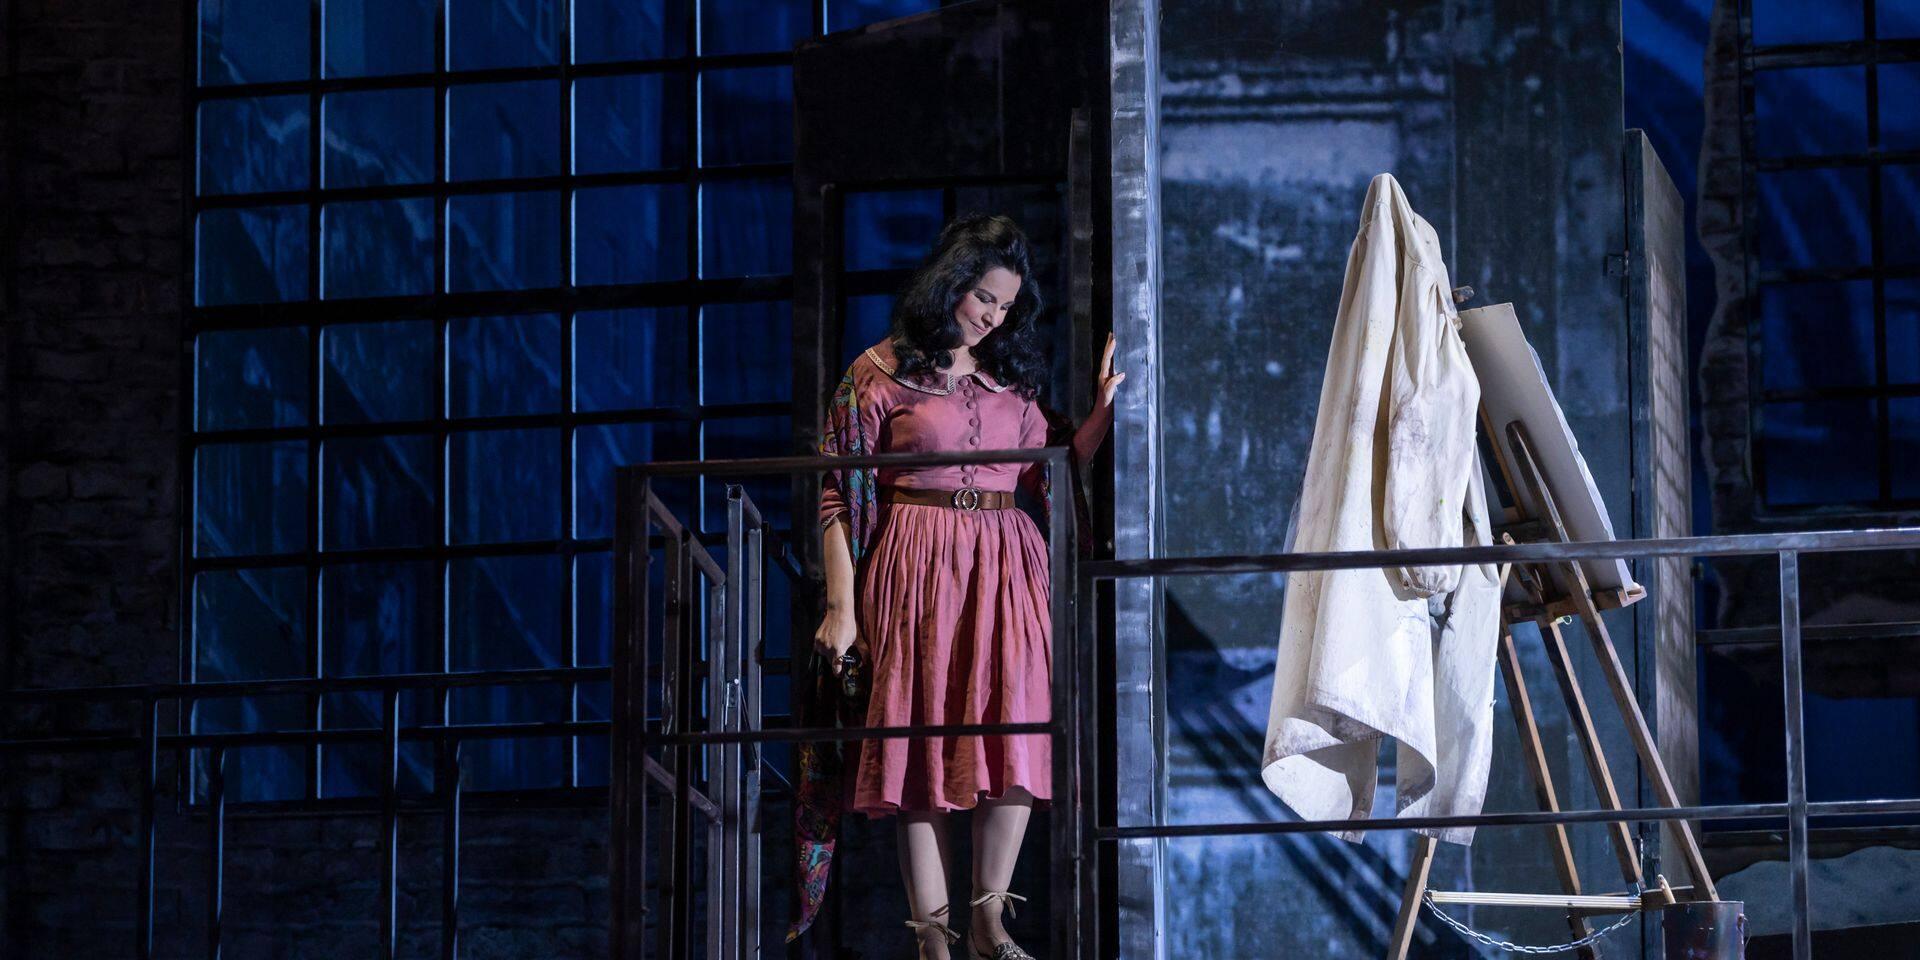 Premier opéra du monde d'après à l'Opéra royal de Wallonie